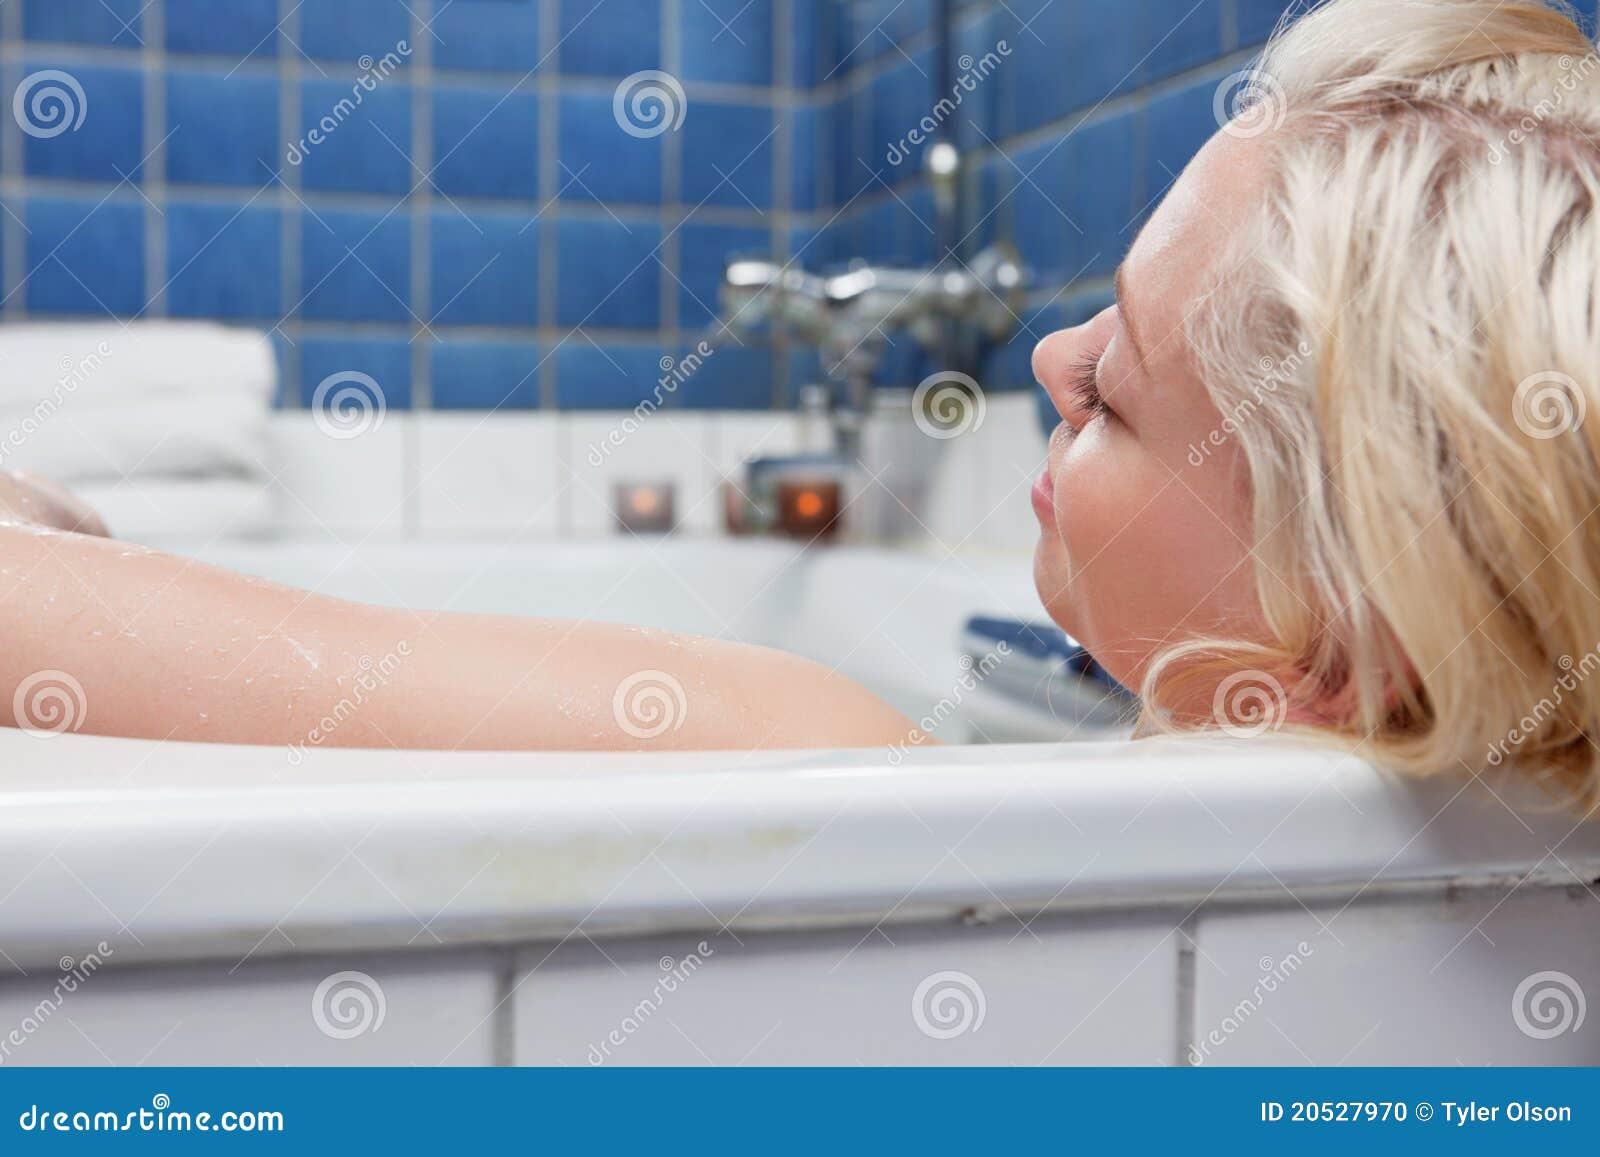 сопровождению девушка в ванной фото блондинка это ещё полбеды